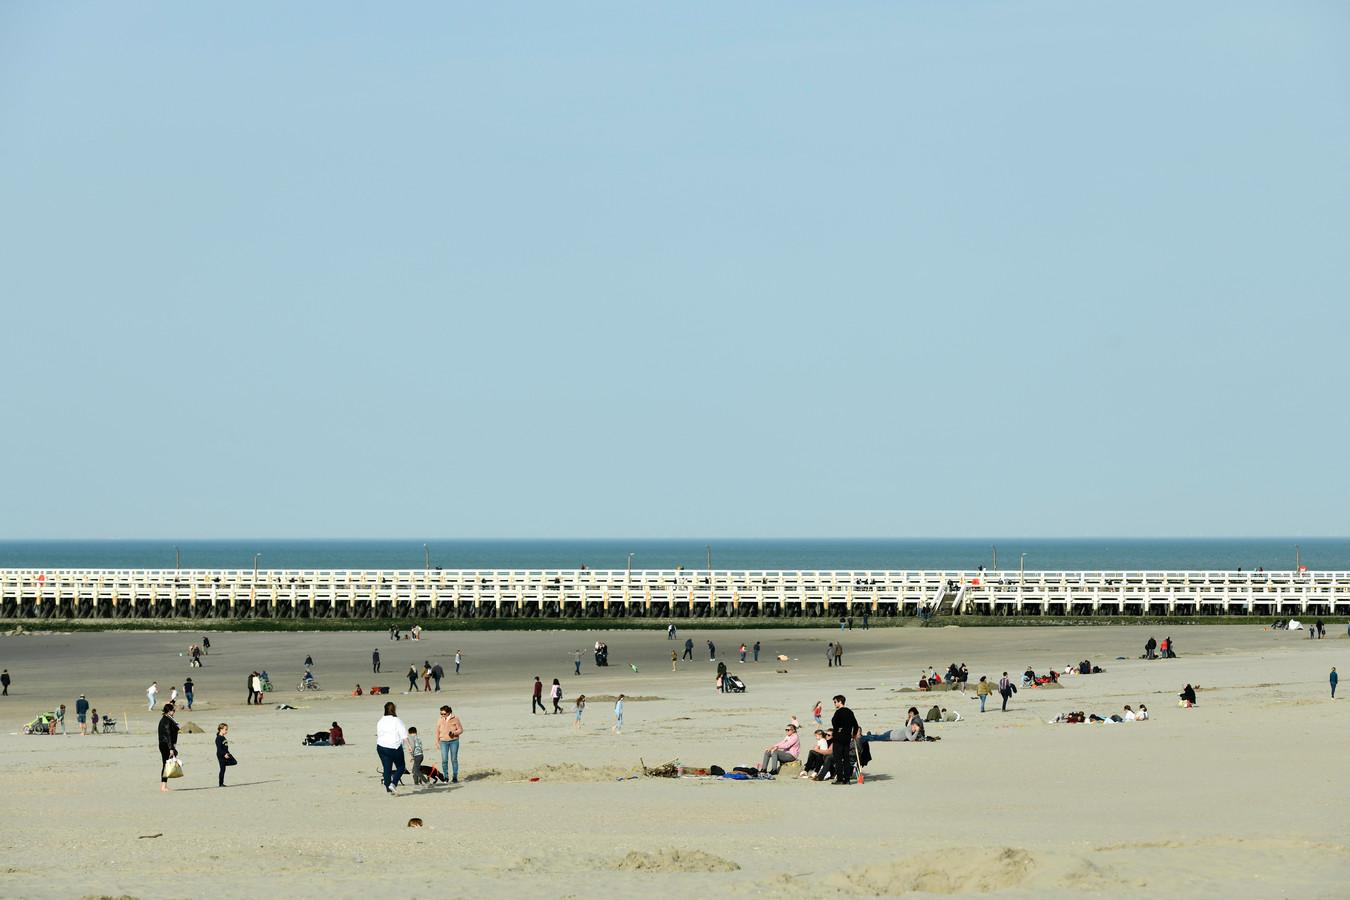 Gezellig druk op de Zeedijk (photo by Florian Van Eenoo/Photo News)